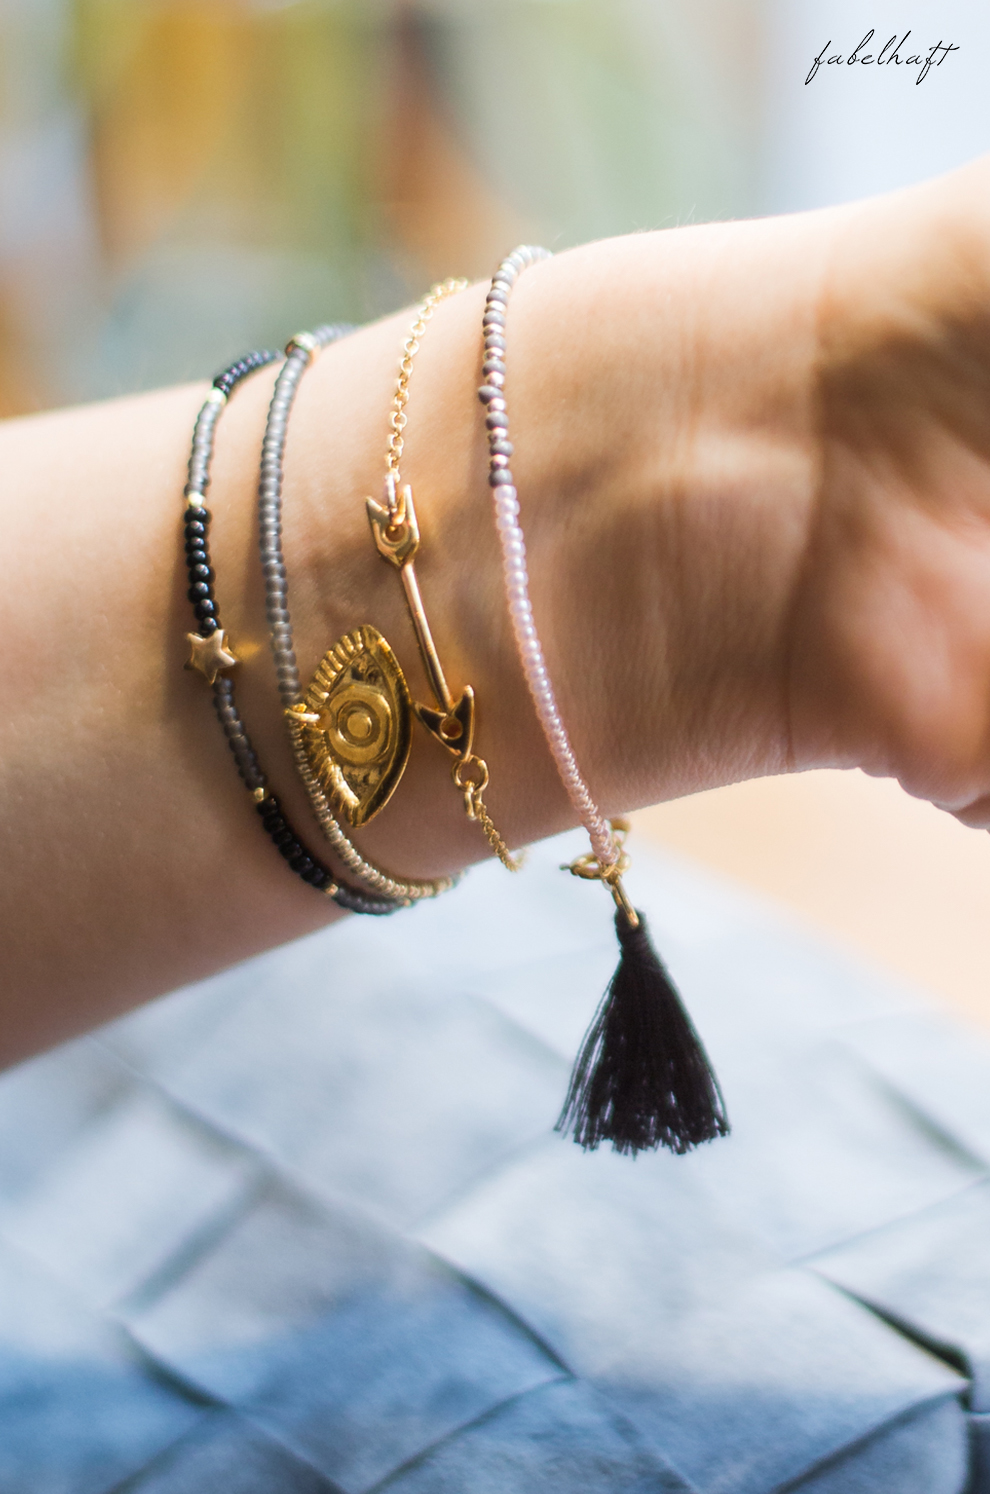 MotMot Jewellery fein und fabelhaft blog blogger café blond shooting brunch frühstück lifestyle outfit fashion 2